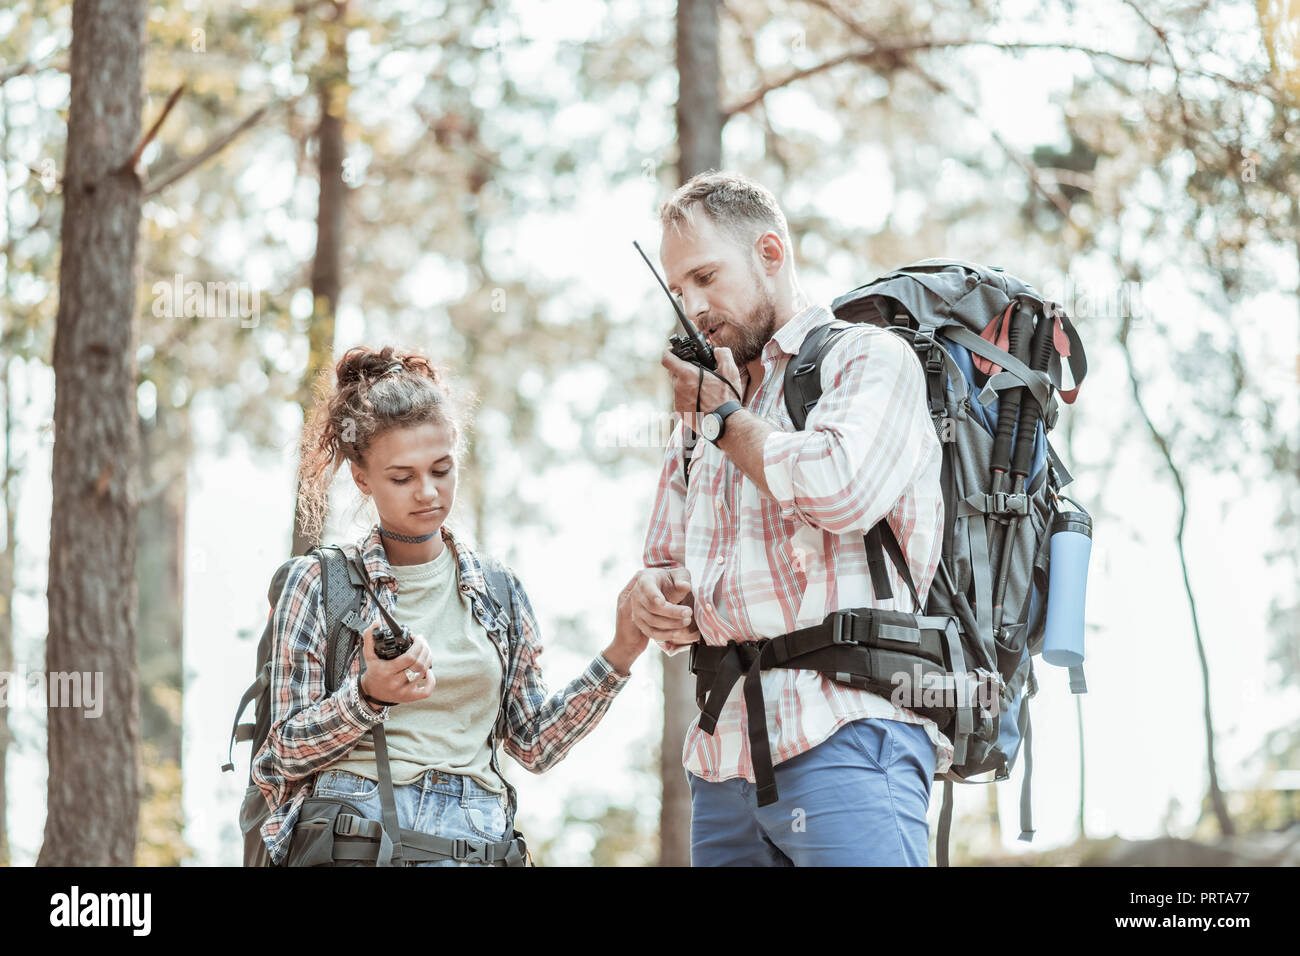 Paar junge Rucksacktouristen mit Ihren Pager nach im Wald verloren Stockbild